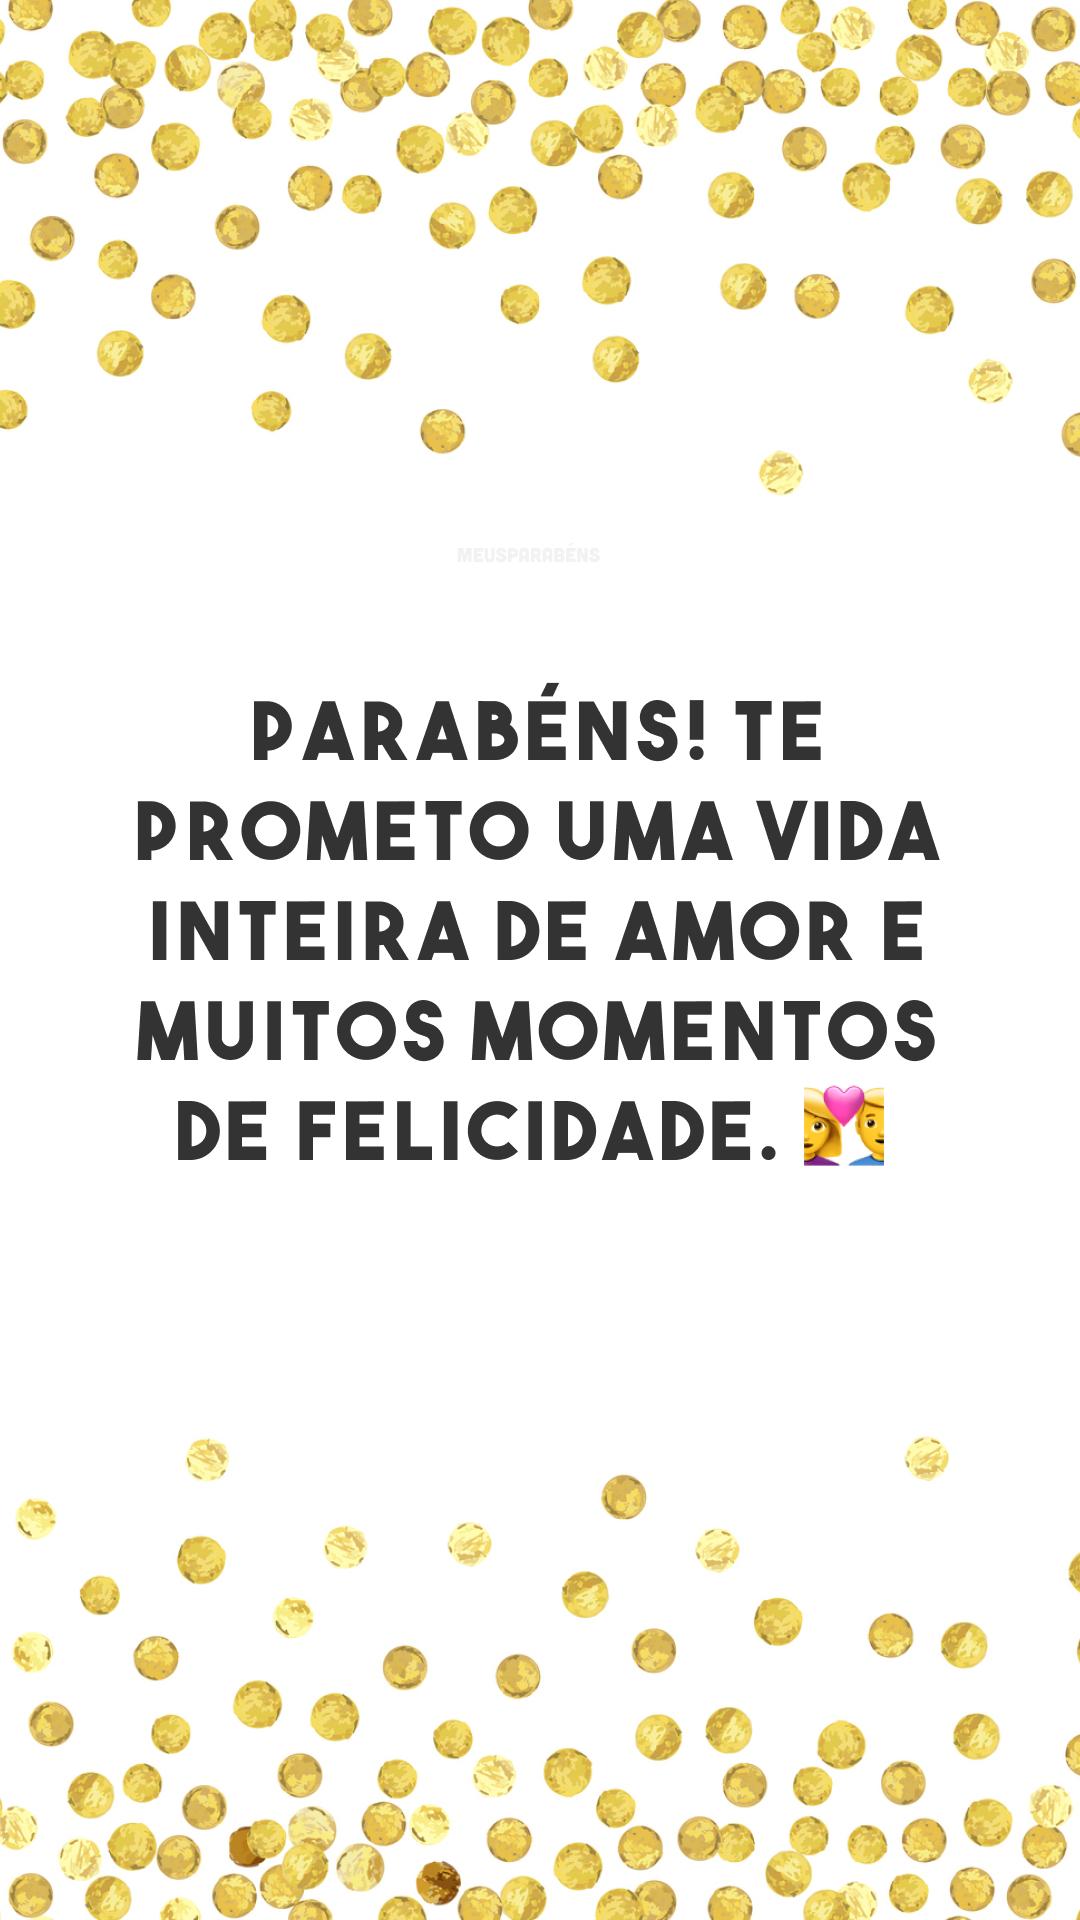 Parabéns! Te prometo uma vida inteira de amor e muitos momentos de felicidade. 💑<br />